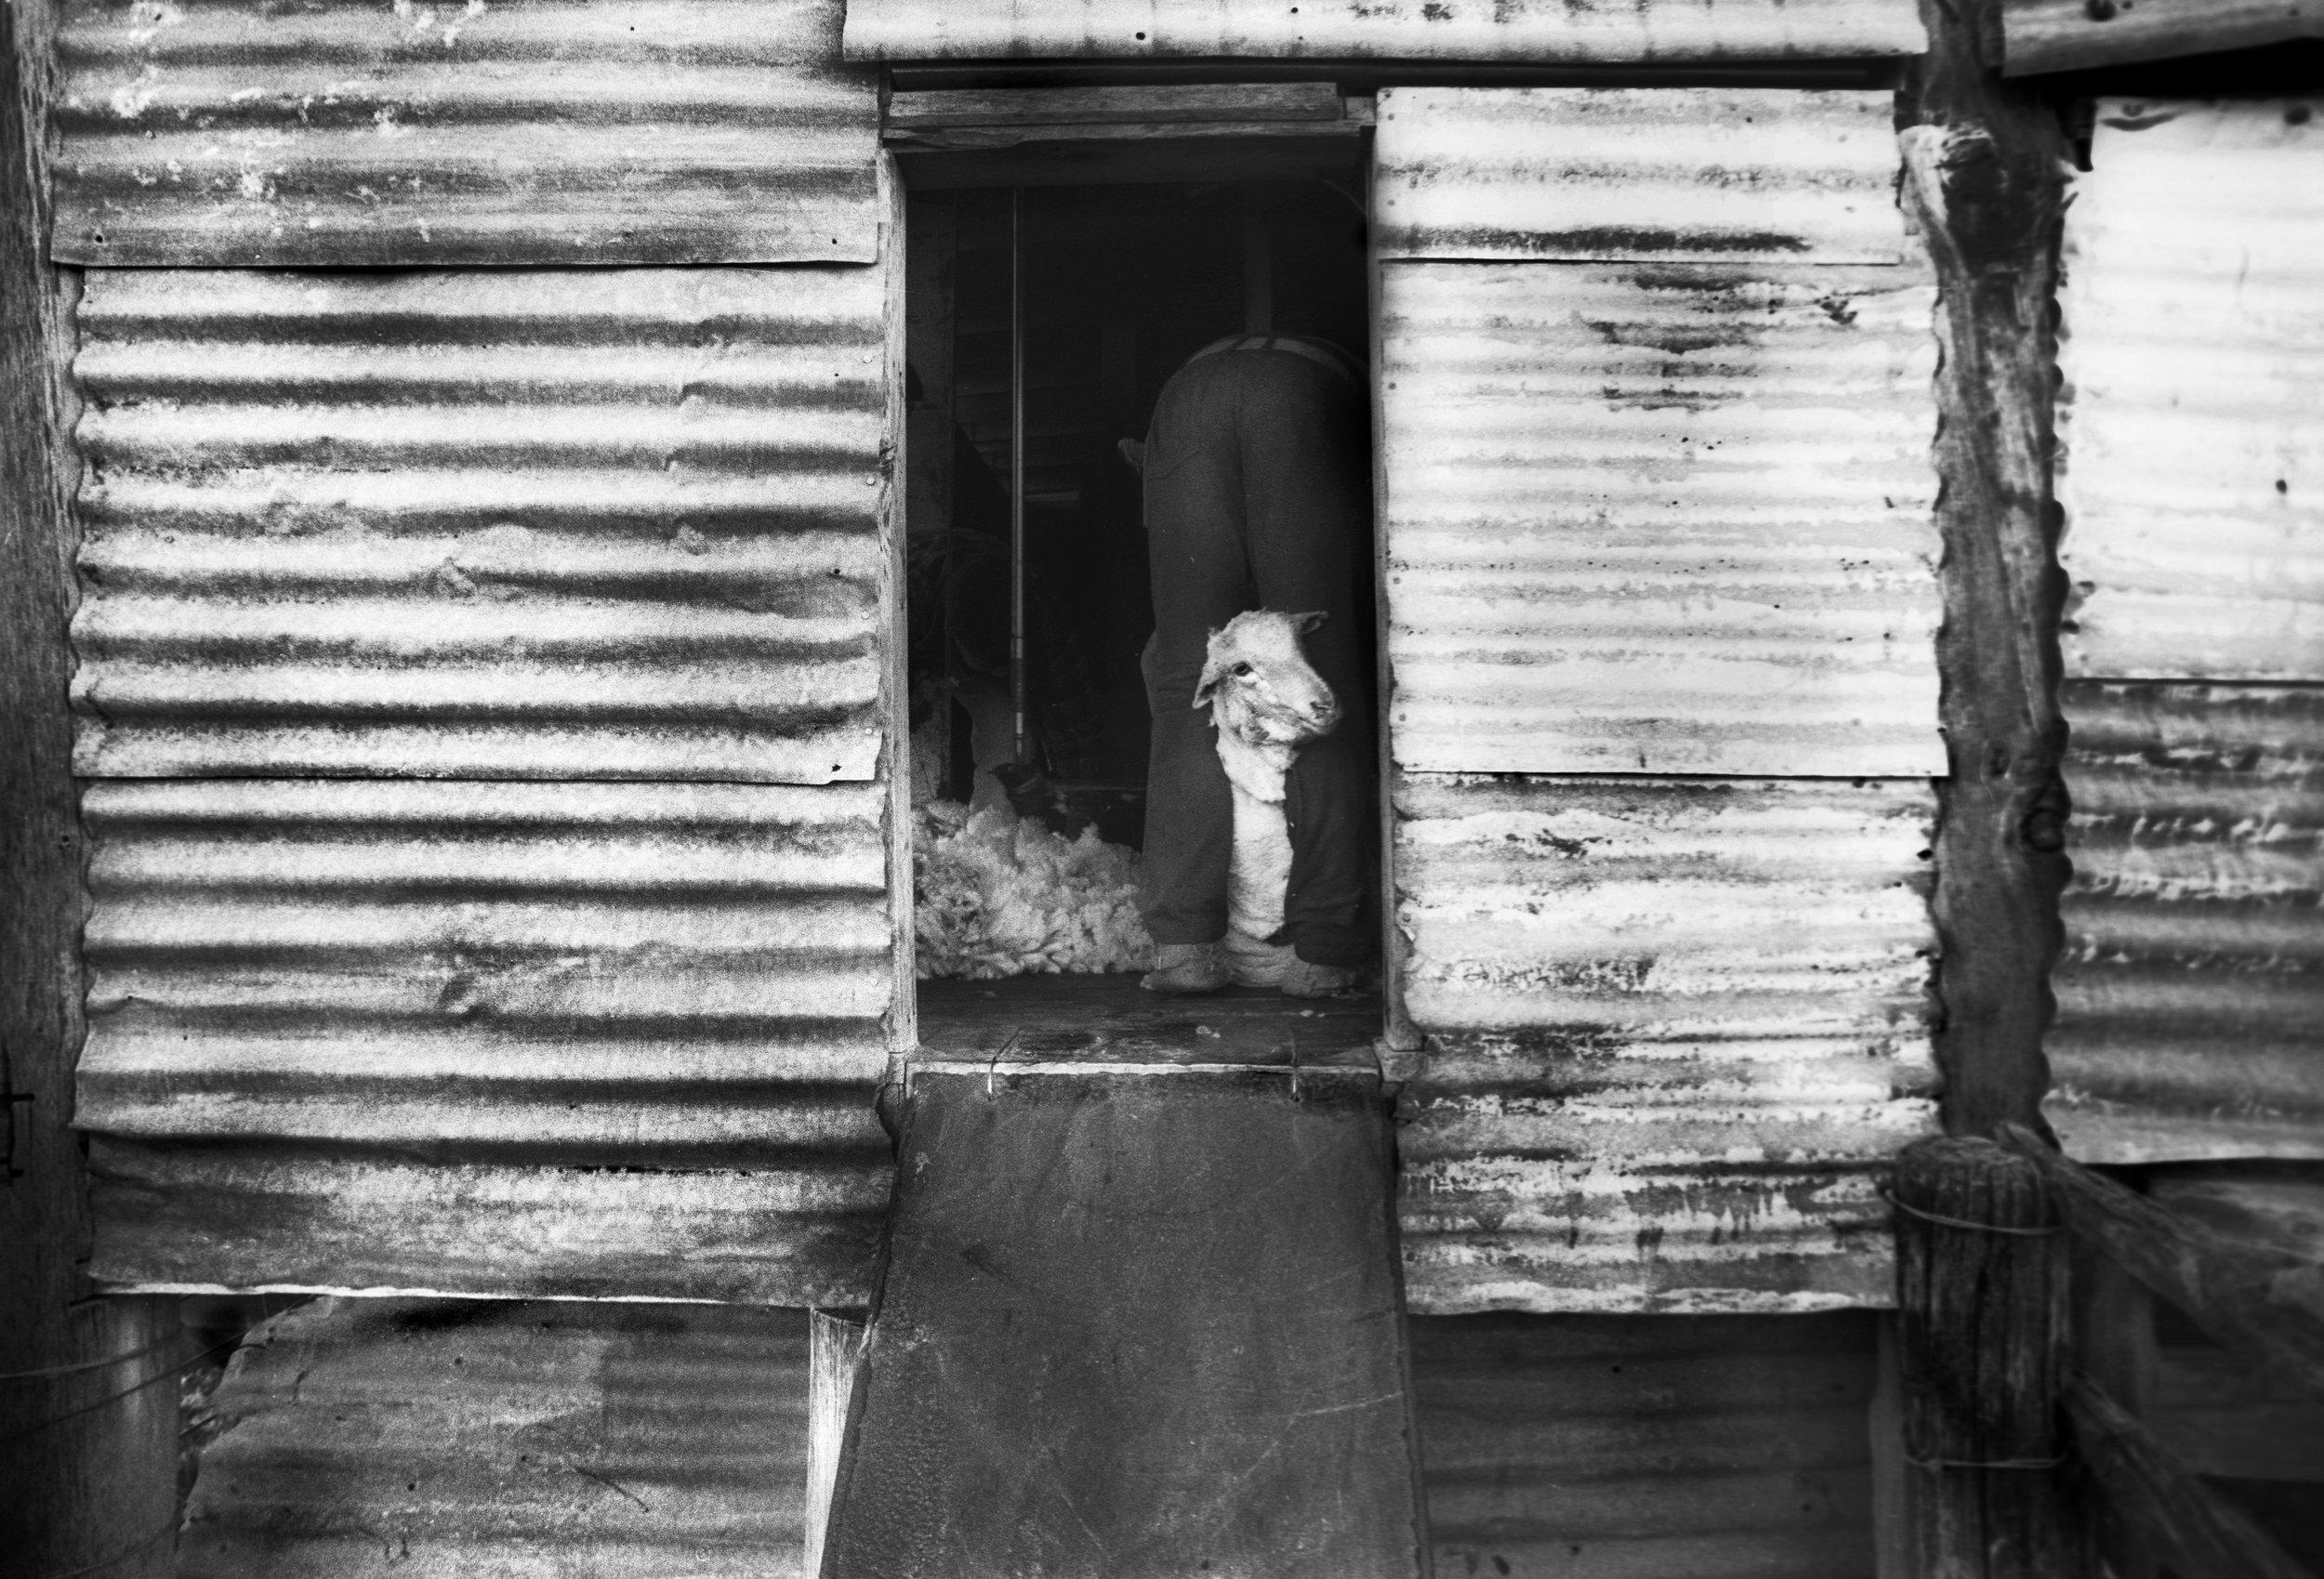 Washing before 'Smoko'(break) Outback QLD, Australia. 1997